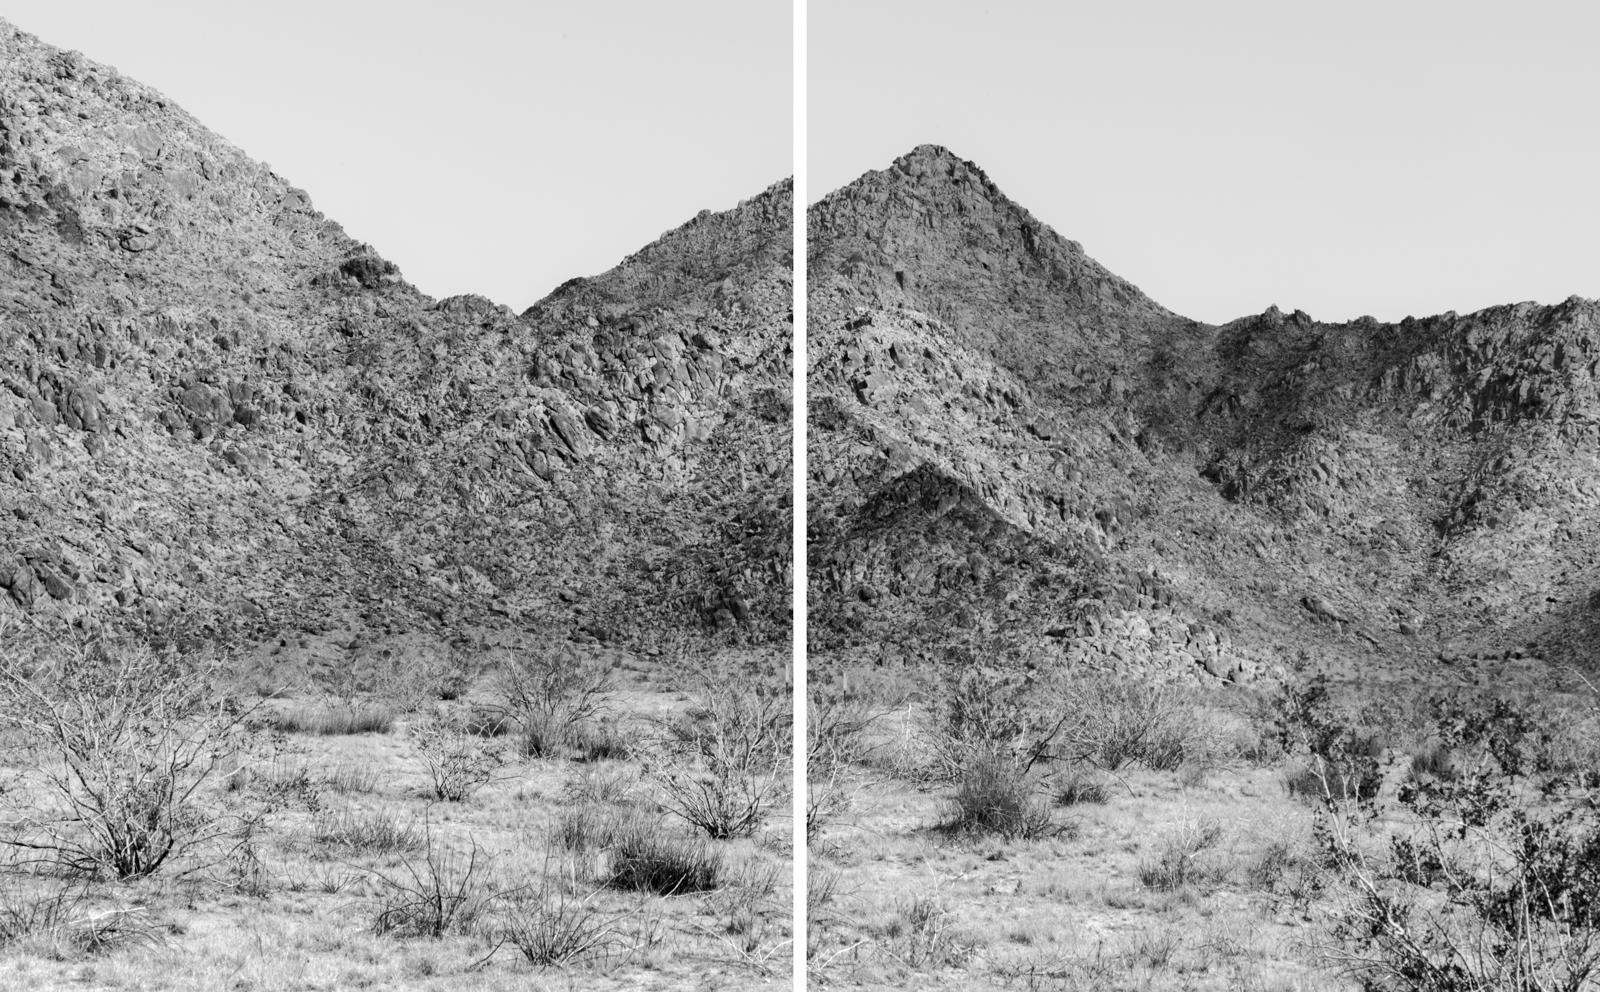 Photography image - Loading 2xmojavelandscape.jpg